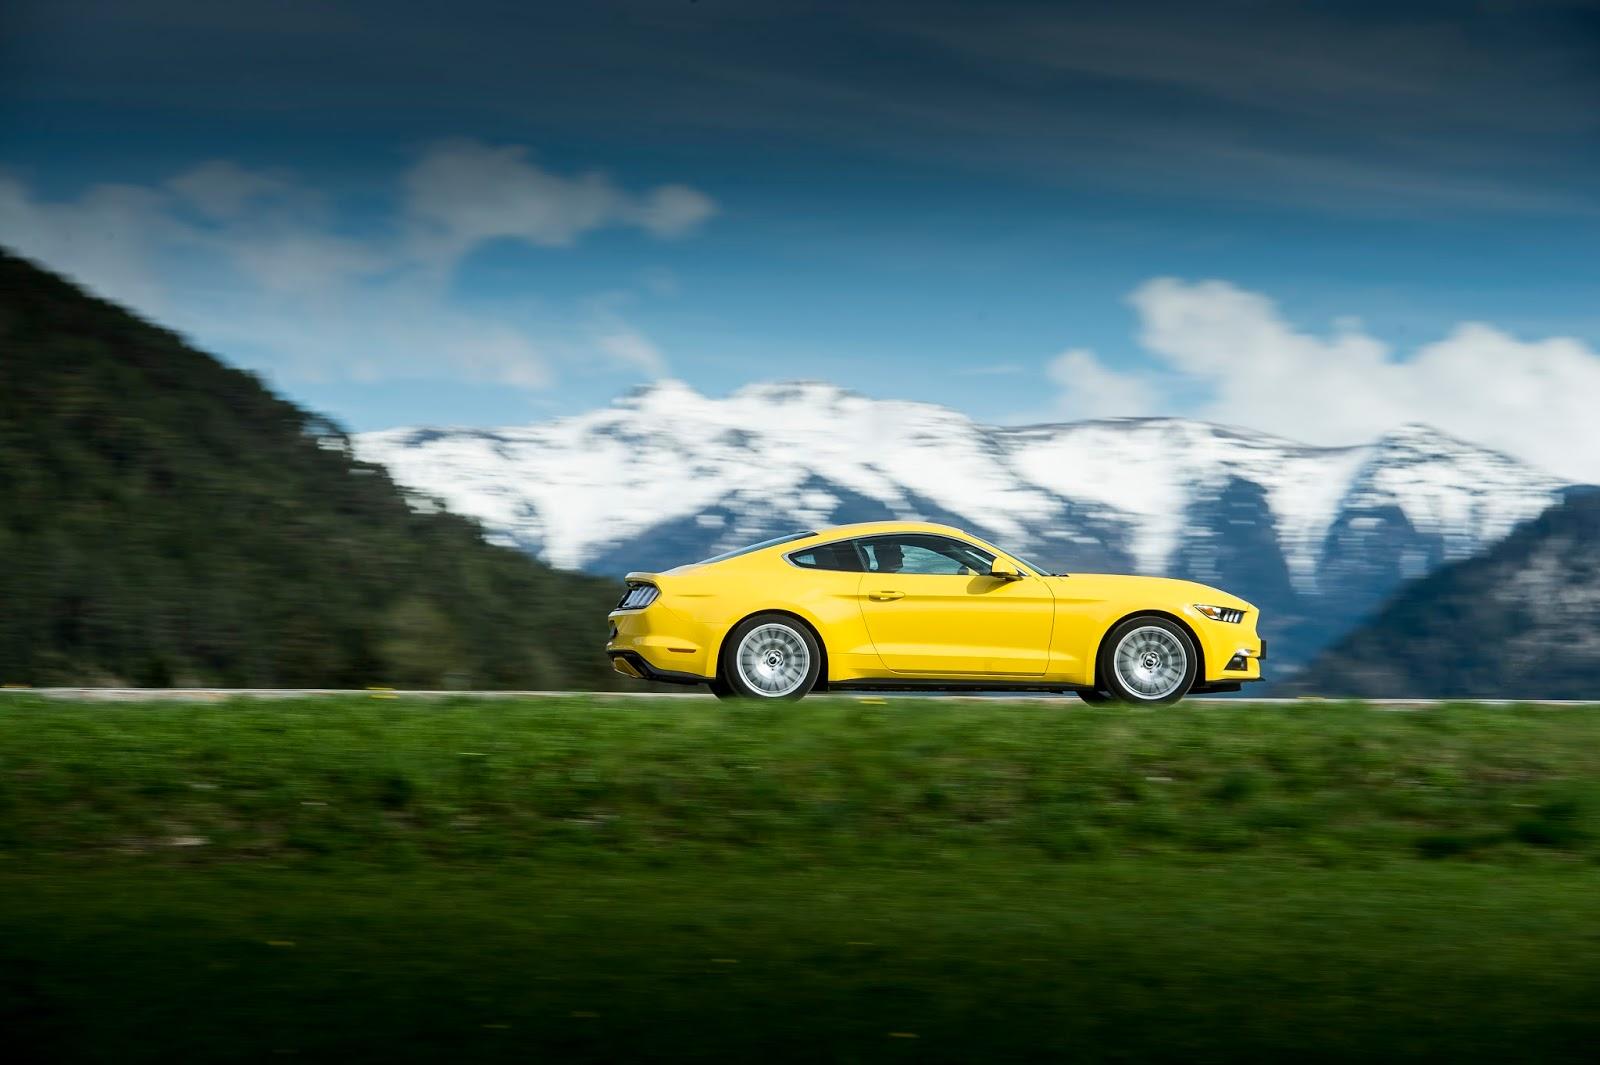 Best SellingSportsCar MustangAustria Ο... τυφώνας Ford Mustang εξαπλώνεται σε όλο τον κόσμο και ξεπουλάει! Bestseller, cabrio, Ford Mustang, Muscle cars, Sales, πωλήσεις, πωλήσεις αυτοκινήτων